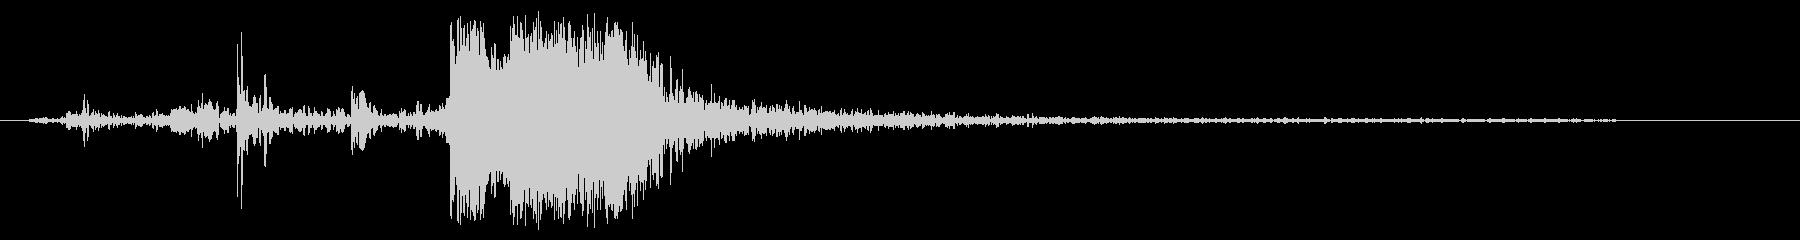 ガチャ(ドアノブを回して開いた音)の未再生の波形